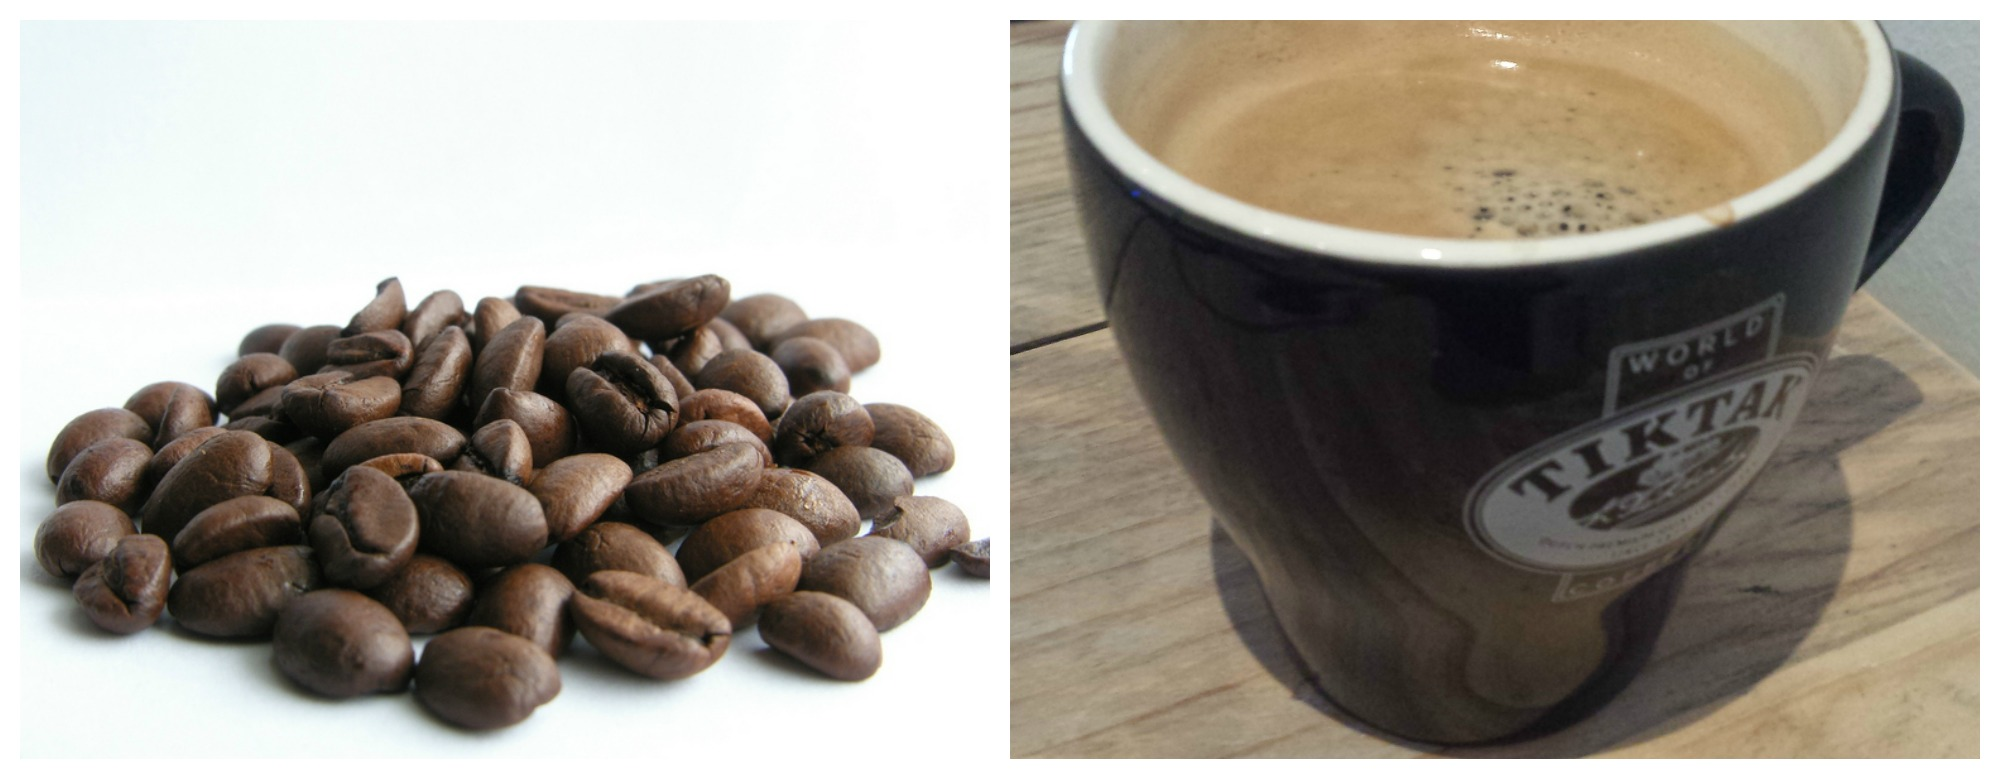 hoeveel koffiebonen per kopje koffie